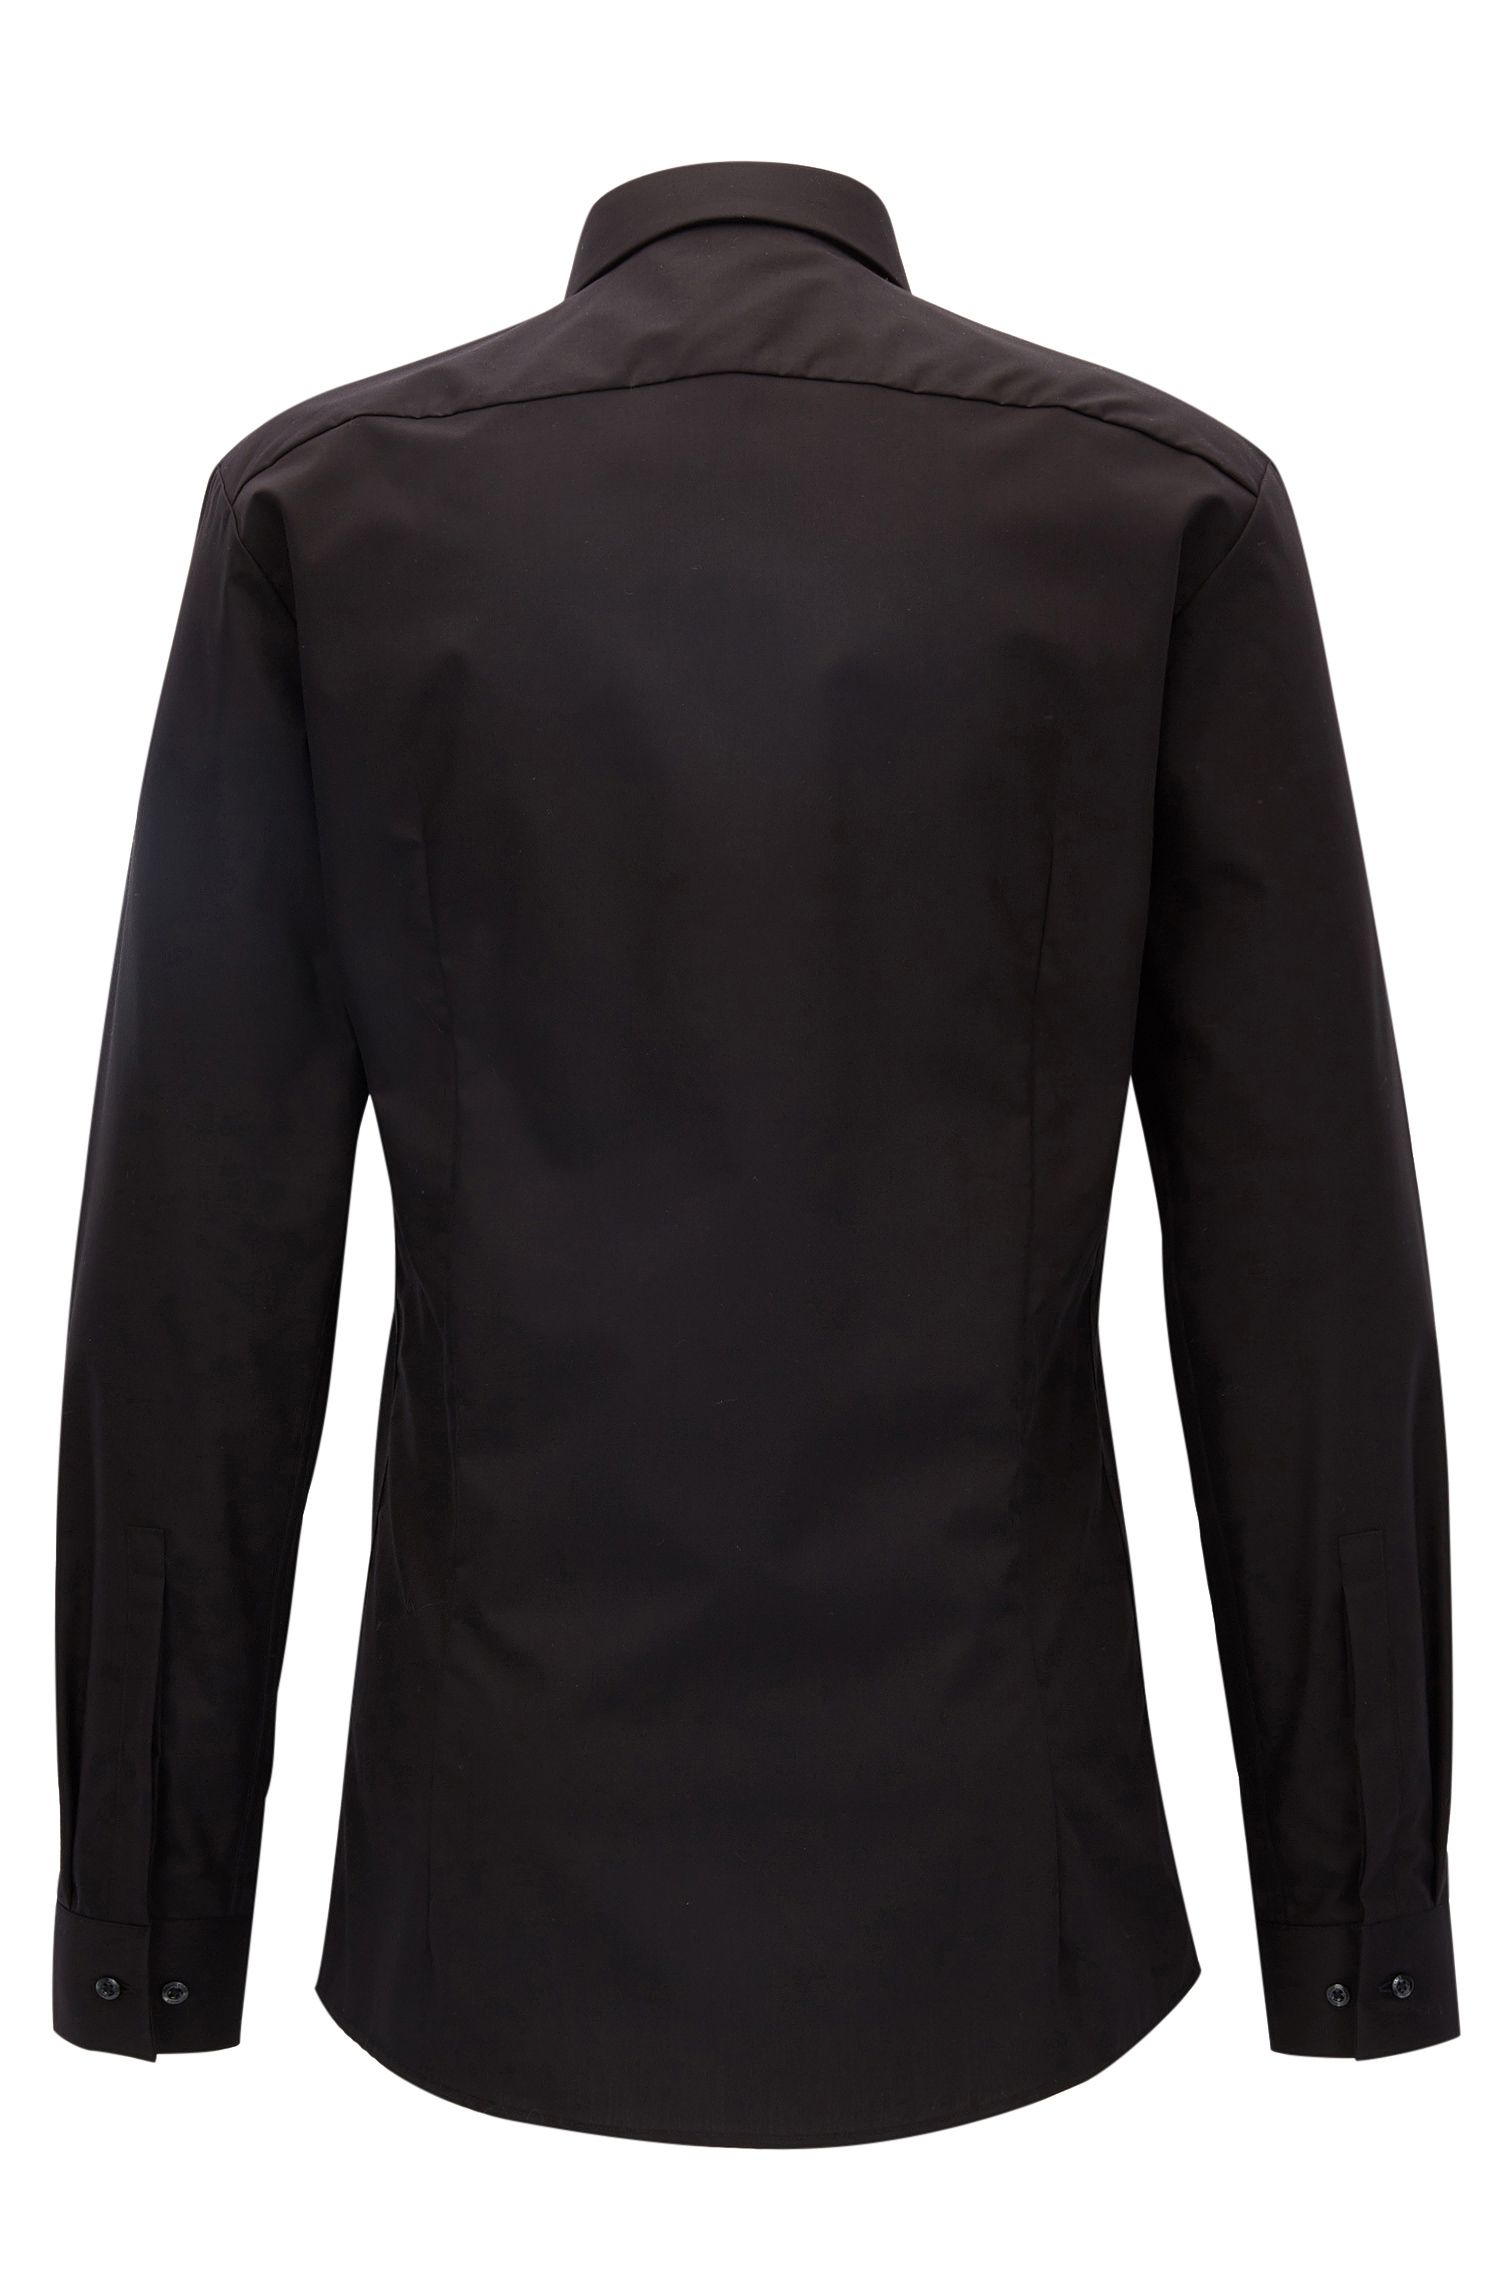 Chemise de soirée Extra Slim Fit en coton, avec panneau à motif sur le devant